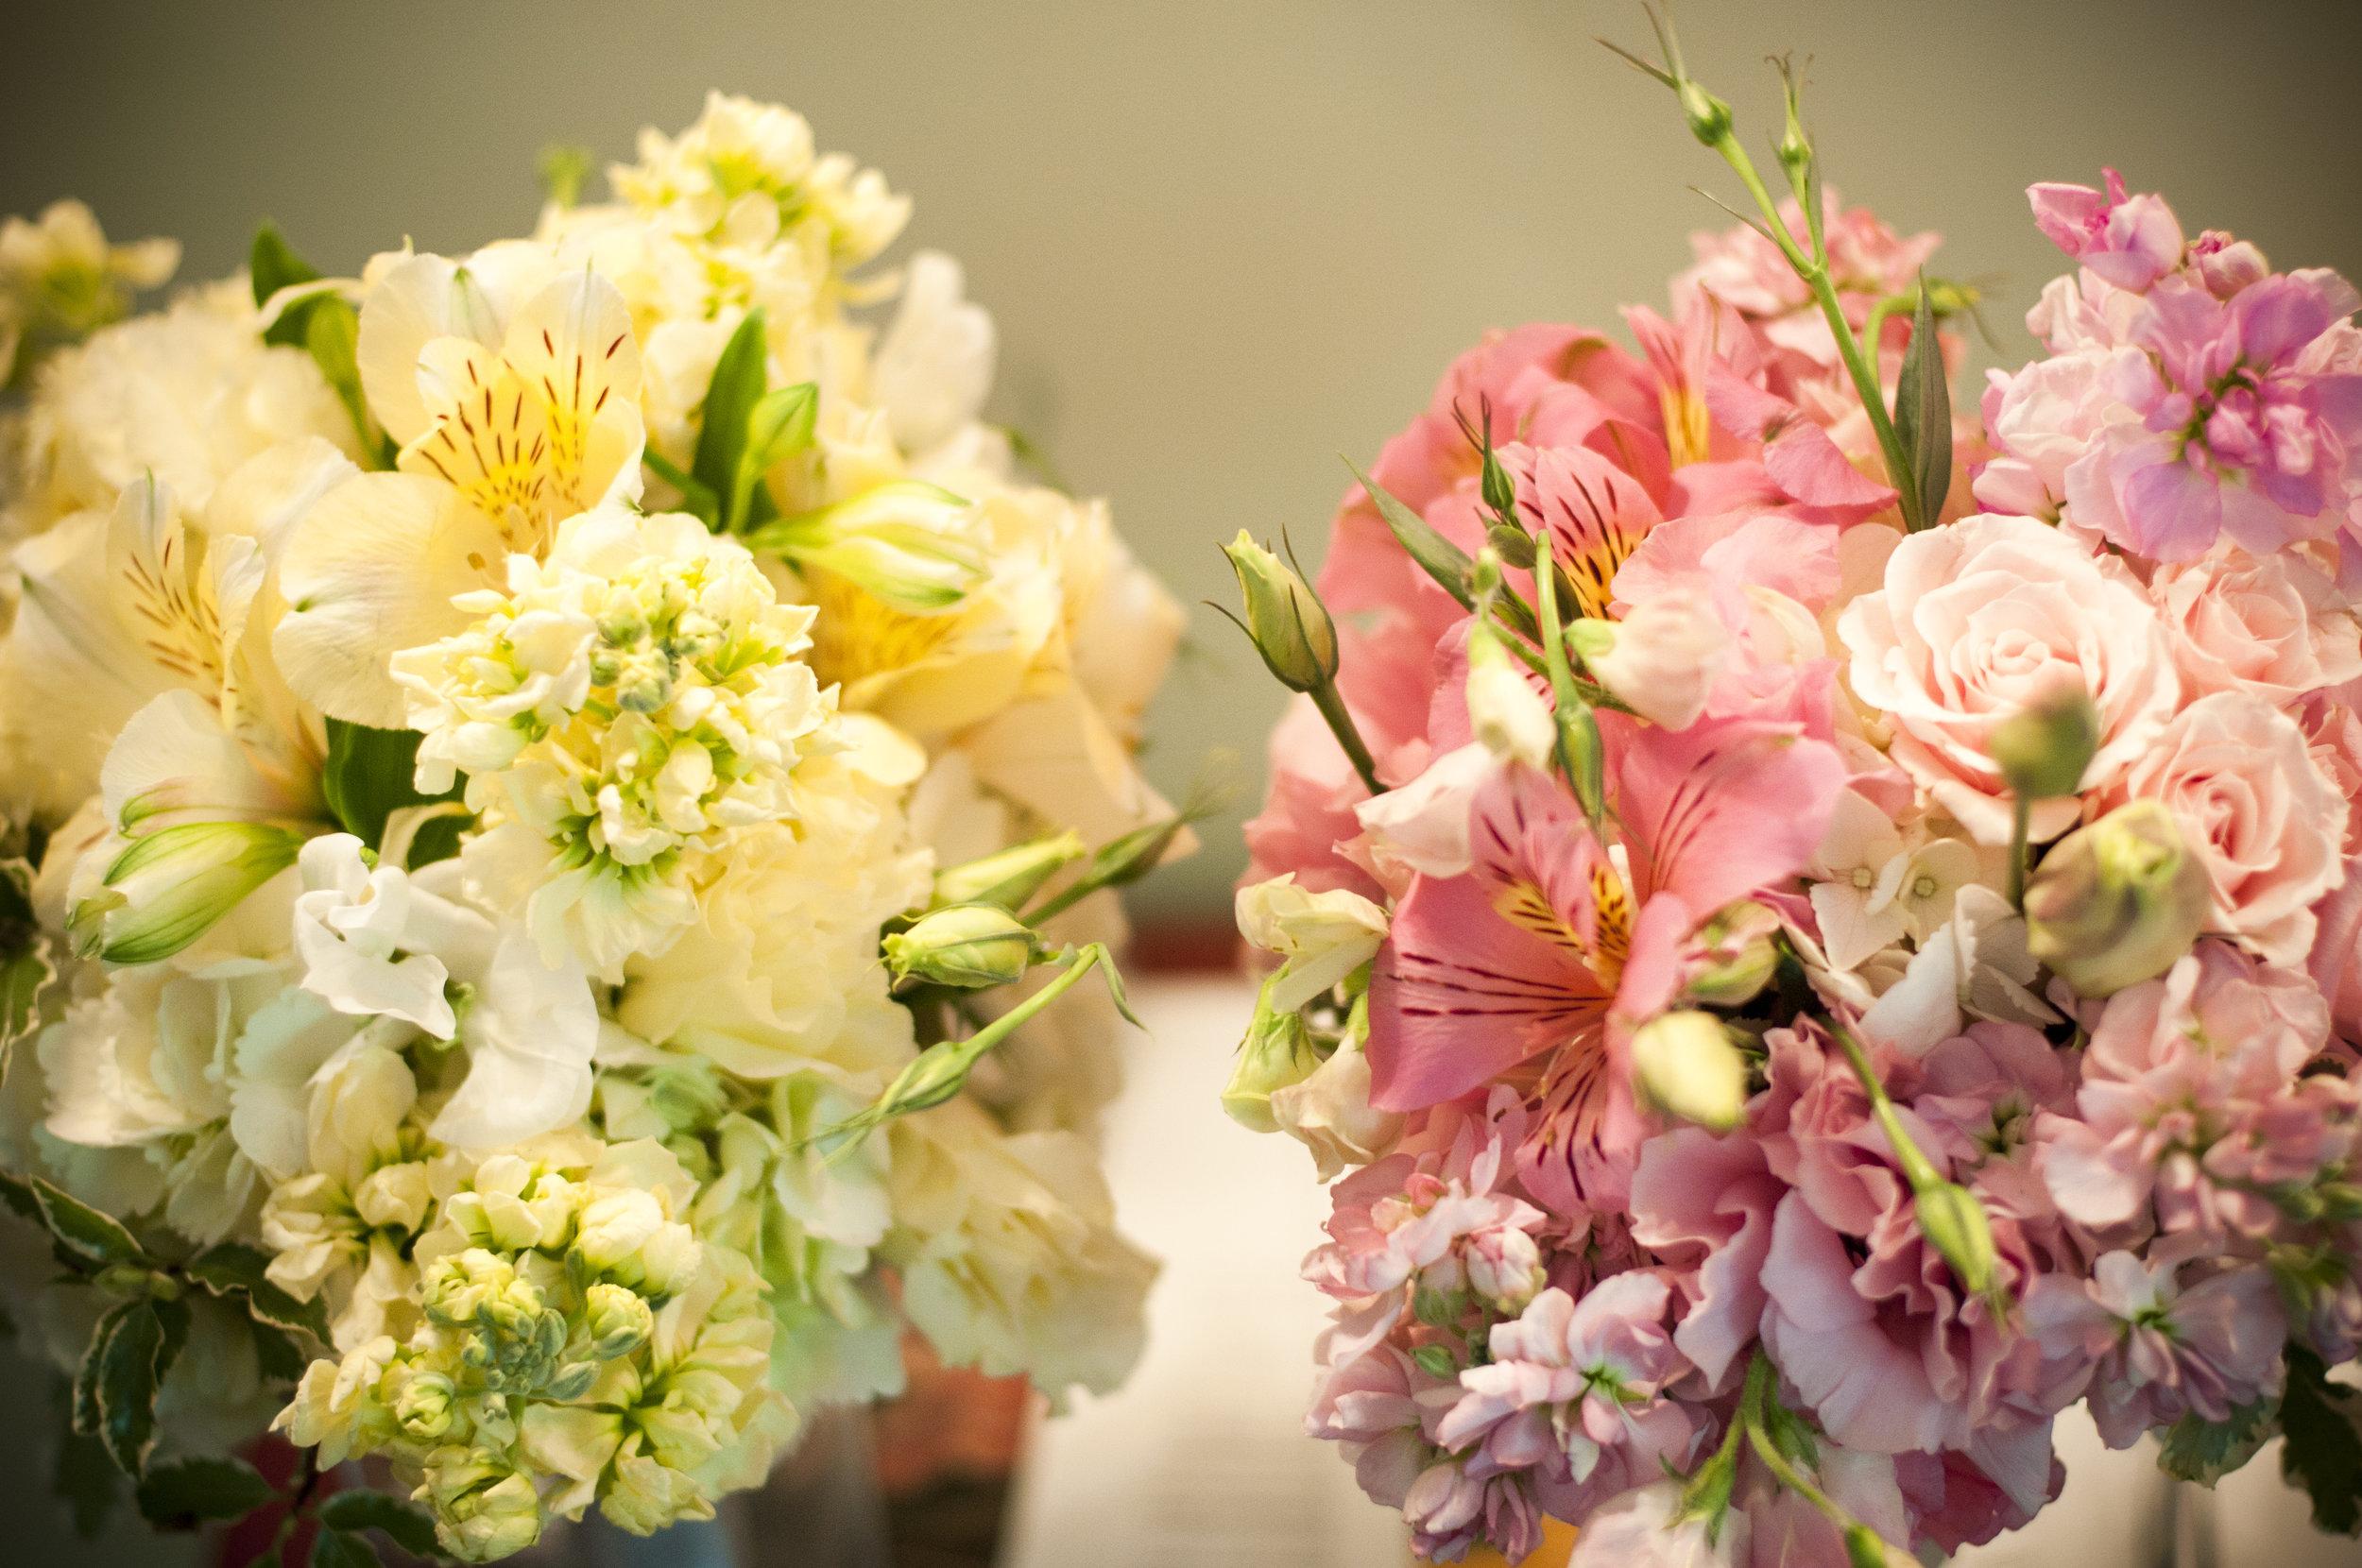 Natalie's Flowers2-2.jpeg